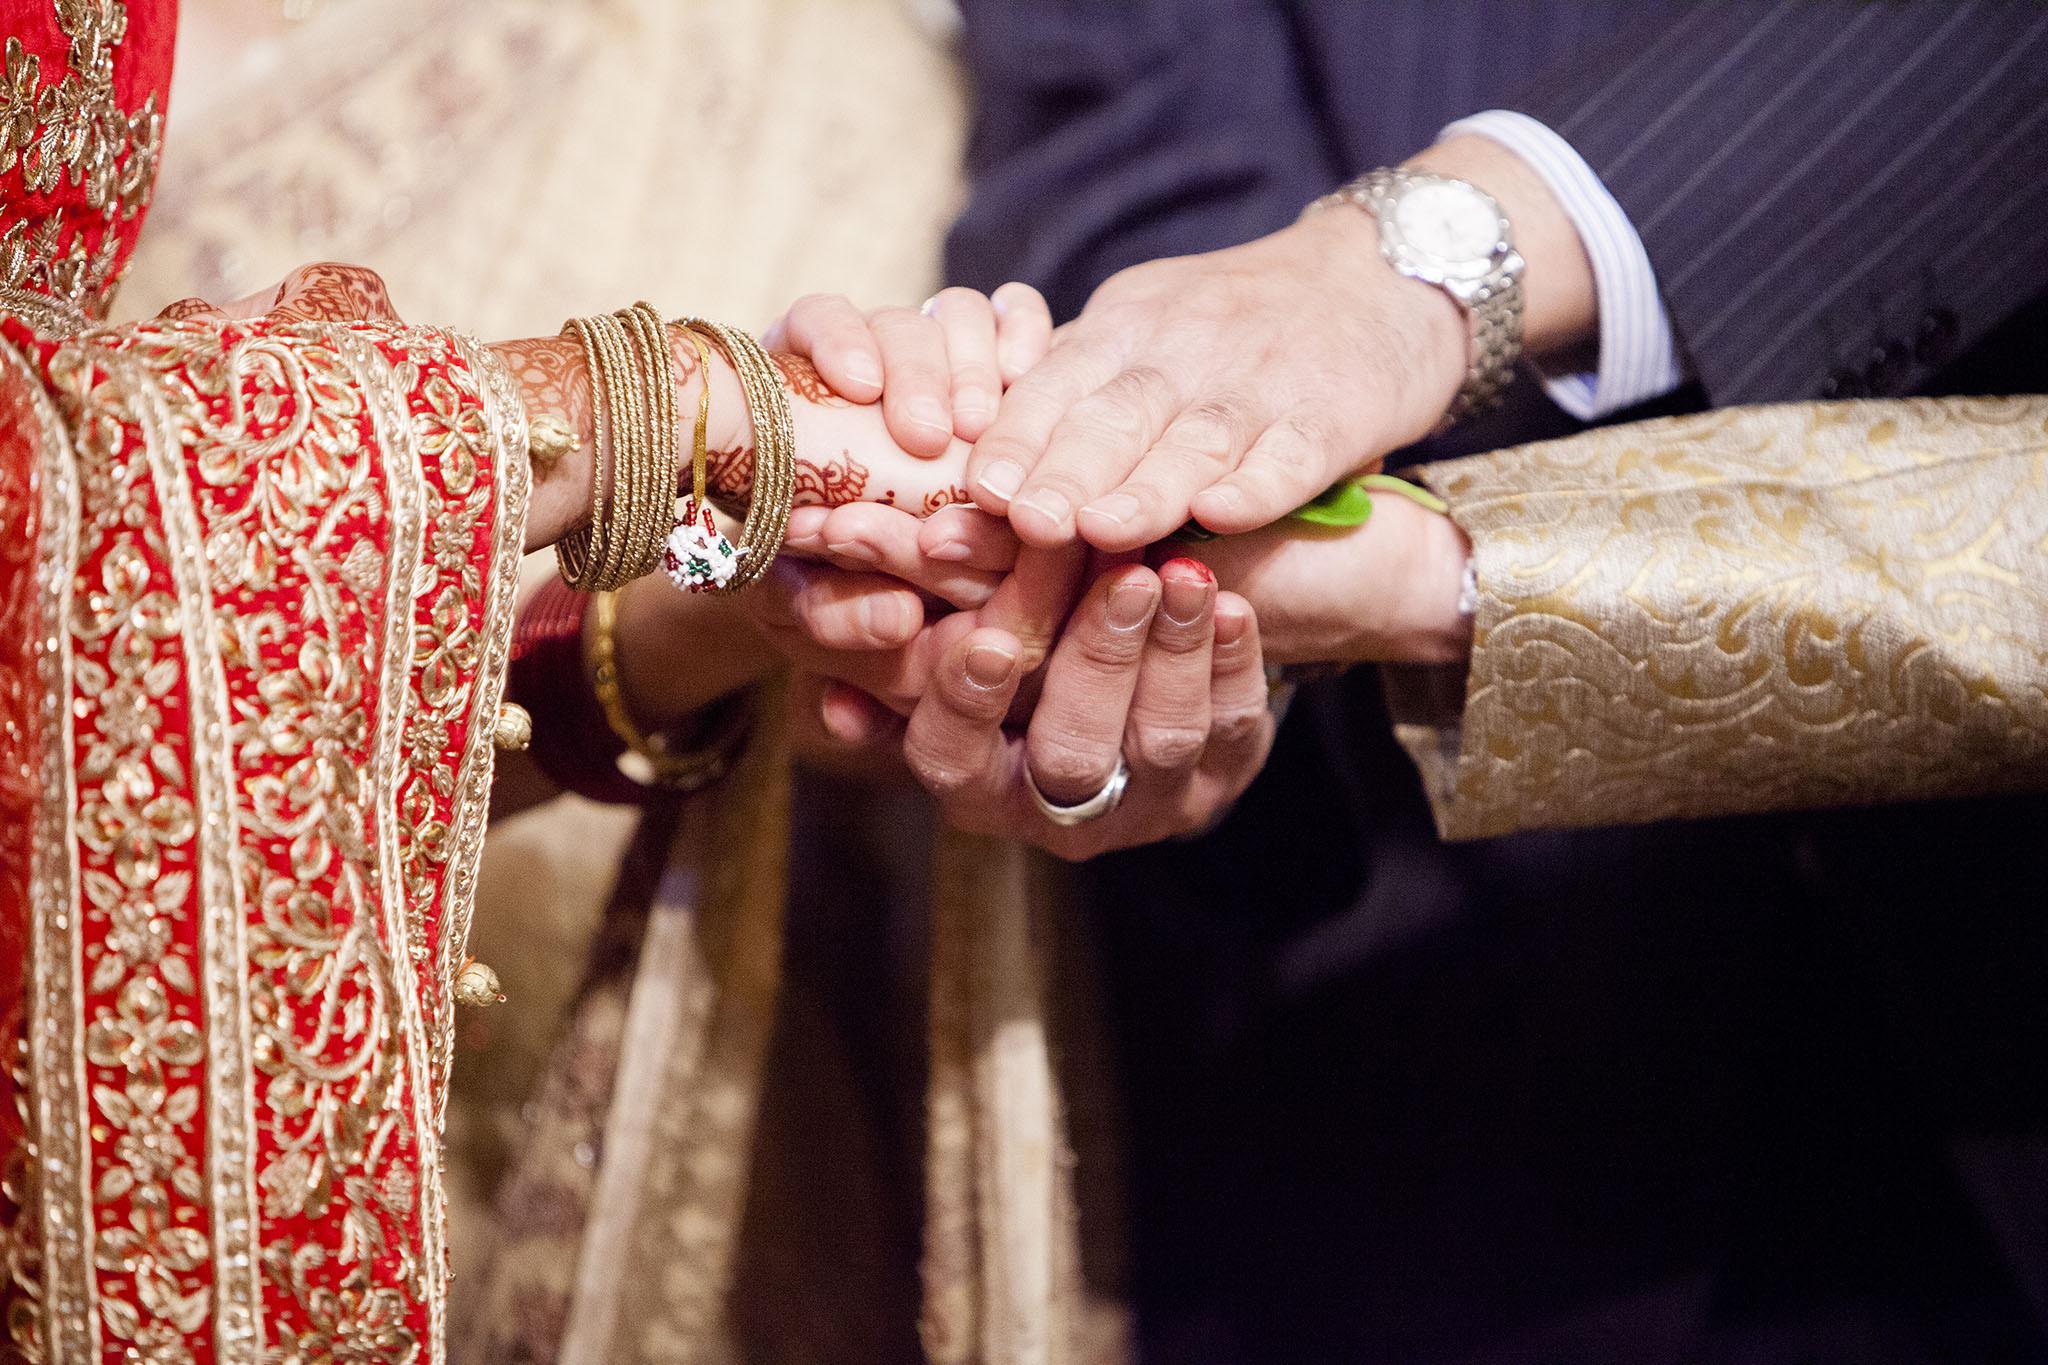 elizabethgphotography_kingslangley_hertfordshire_fineart_indian_wedding_photography_bhavesh_kundalata_bhaktivedanta_manor_watford_jpg35.jpg